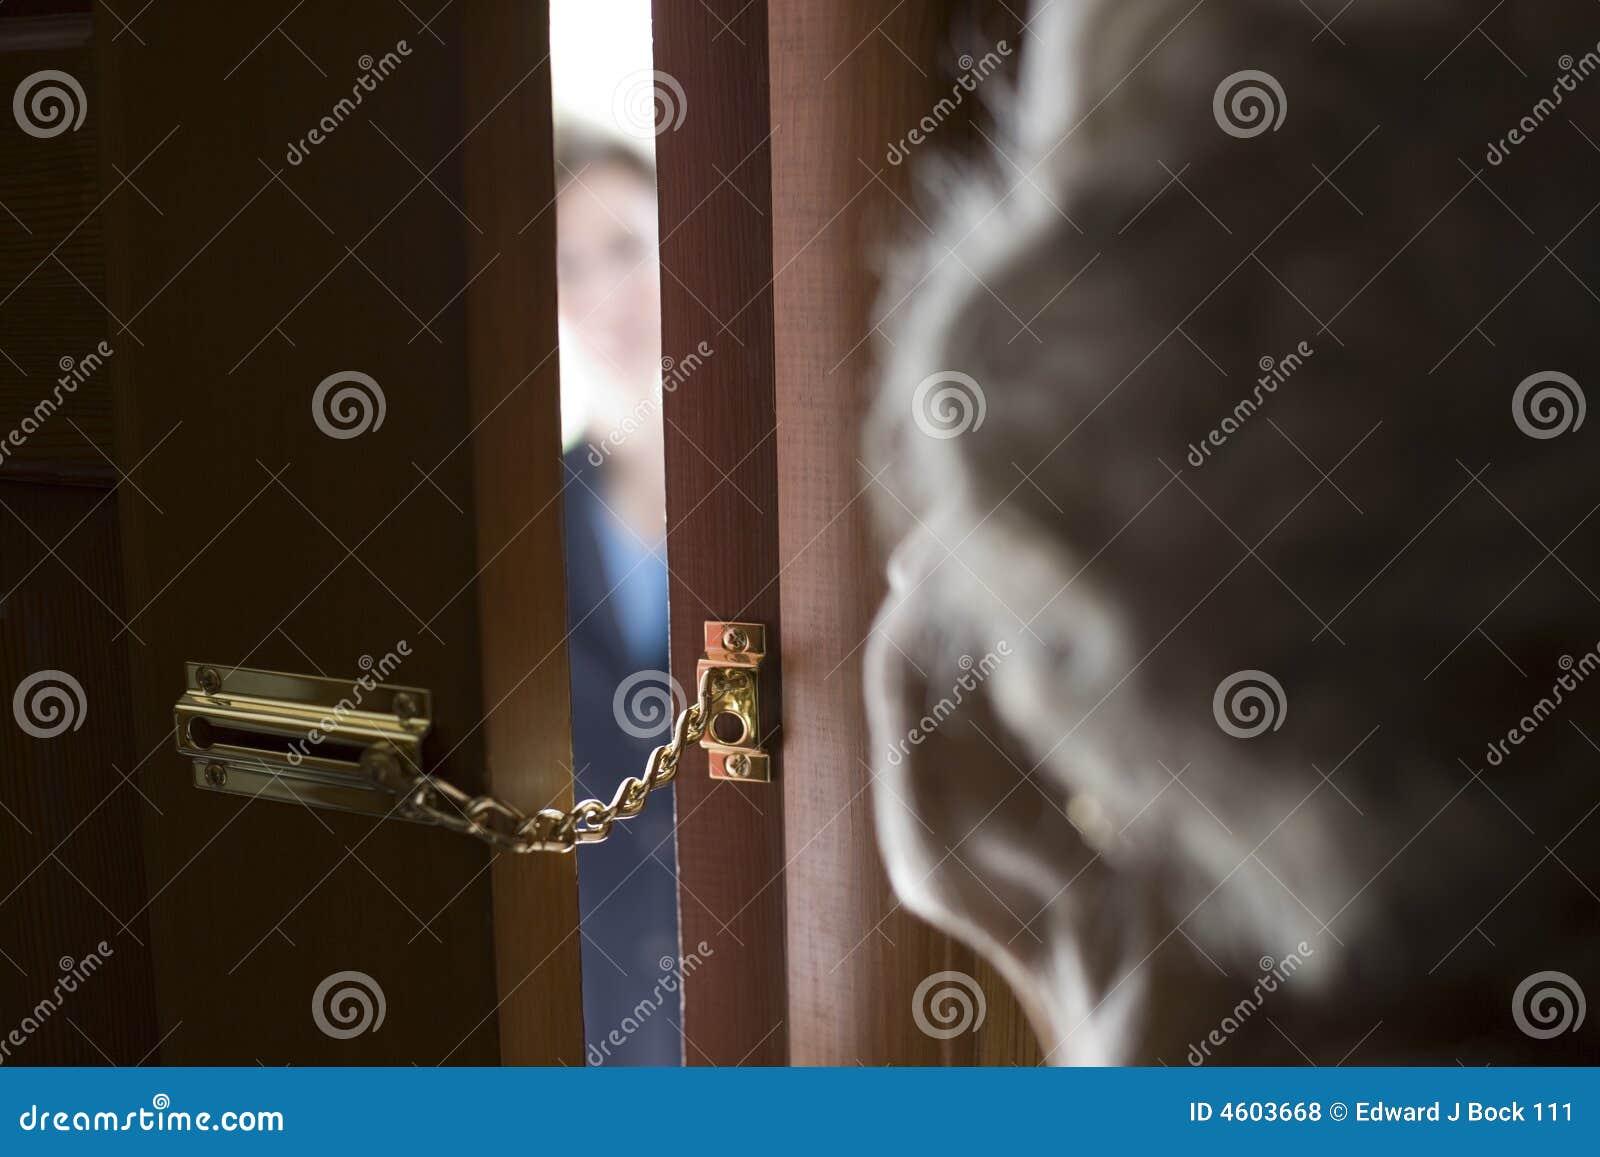 Vreemdeling bij de deur